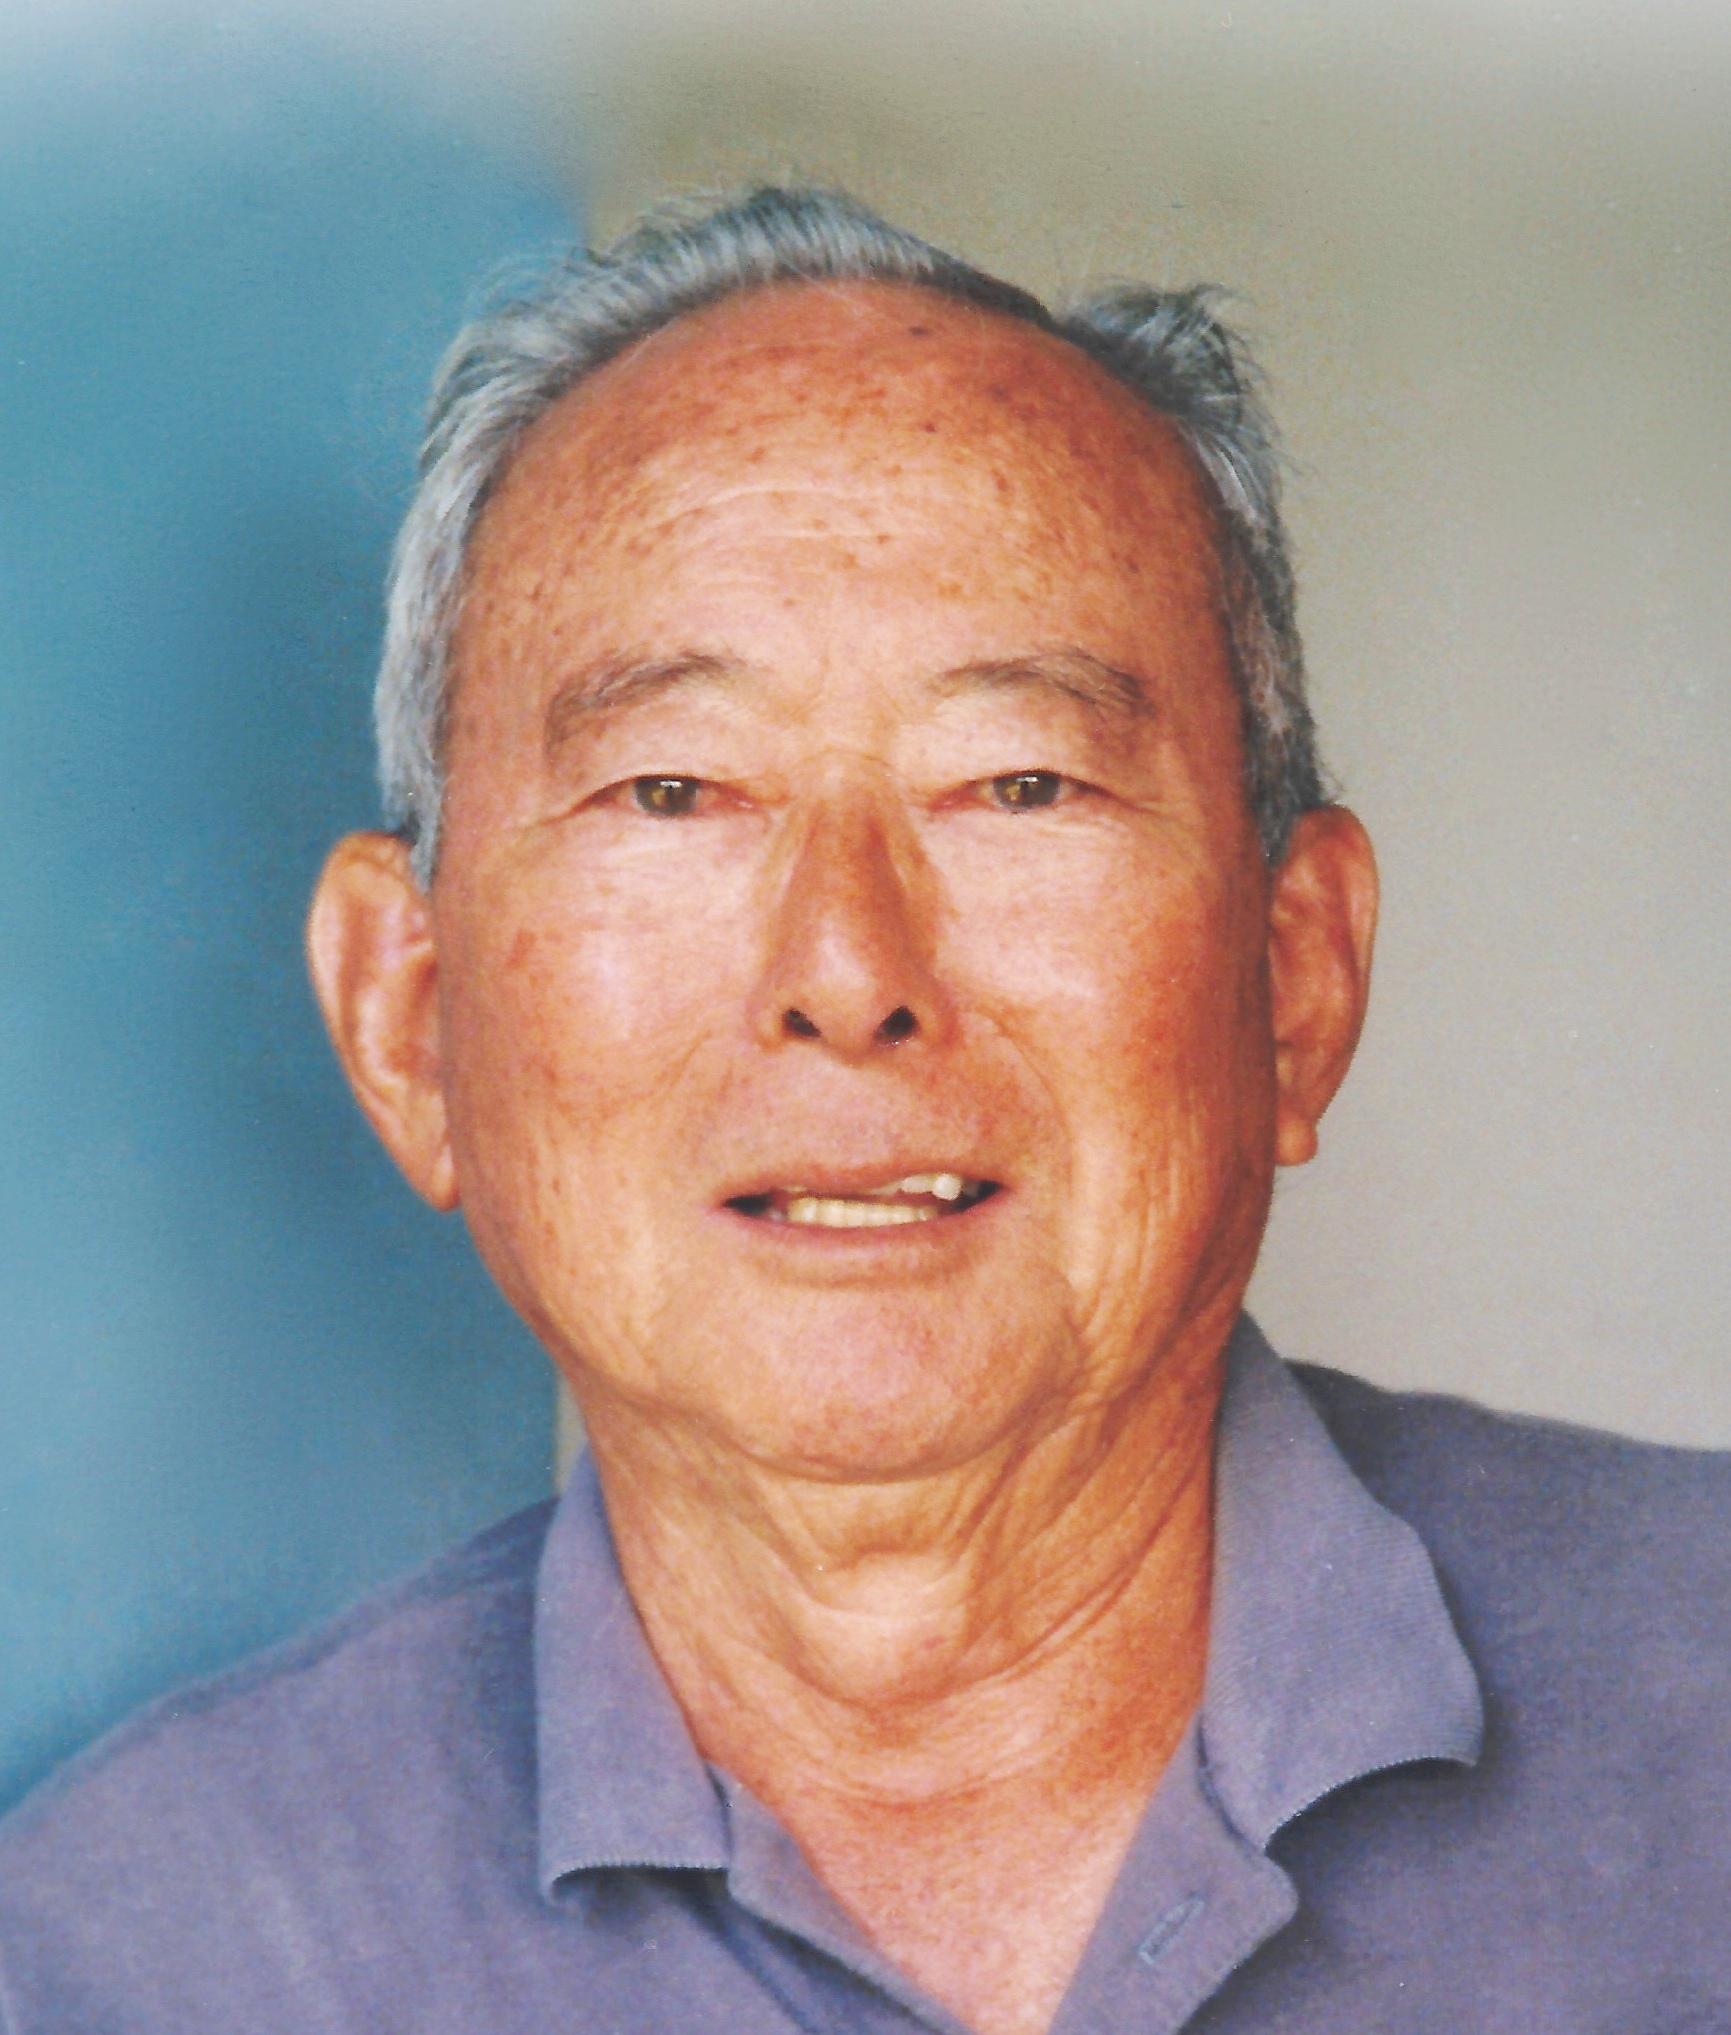 THOMAS TOMOHIRO OYASATO